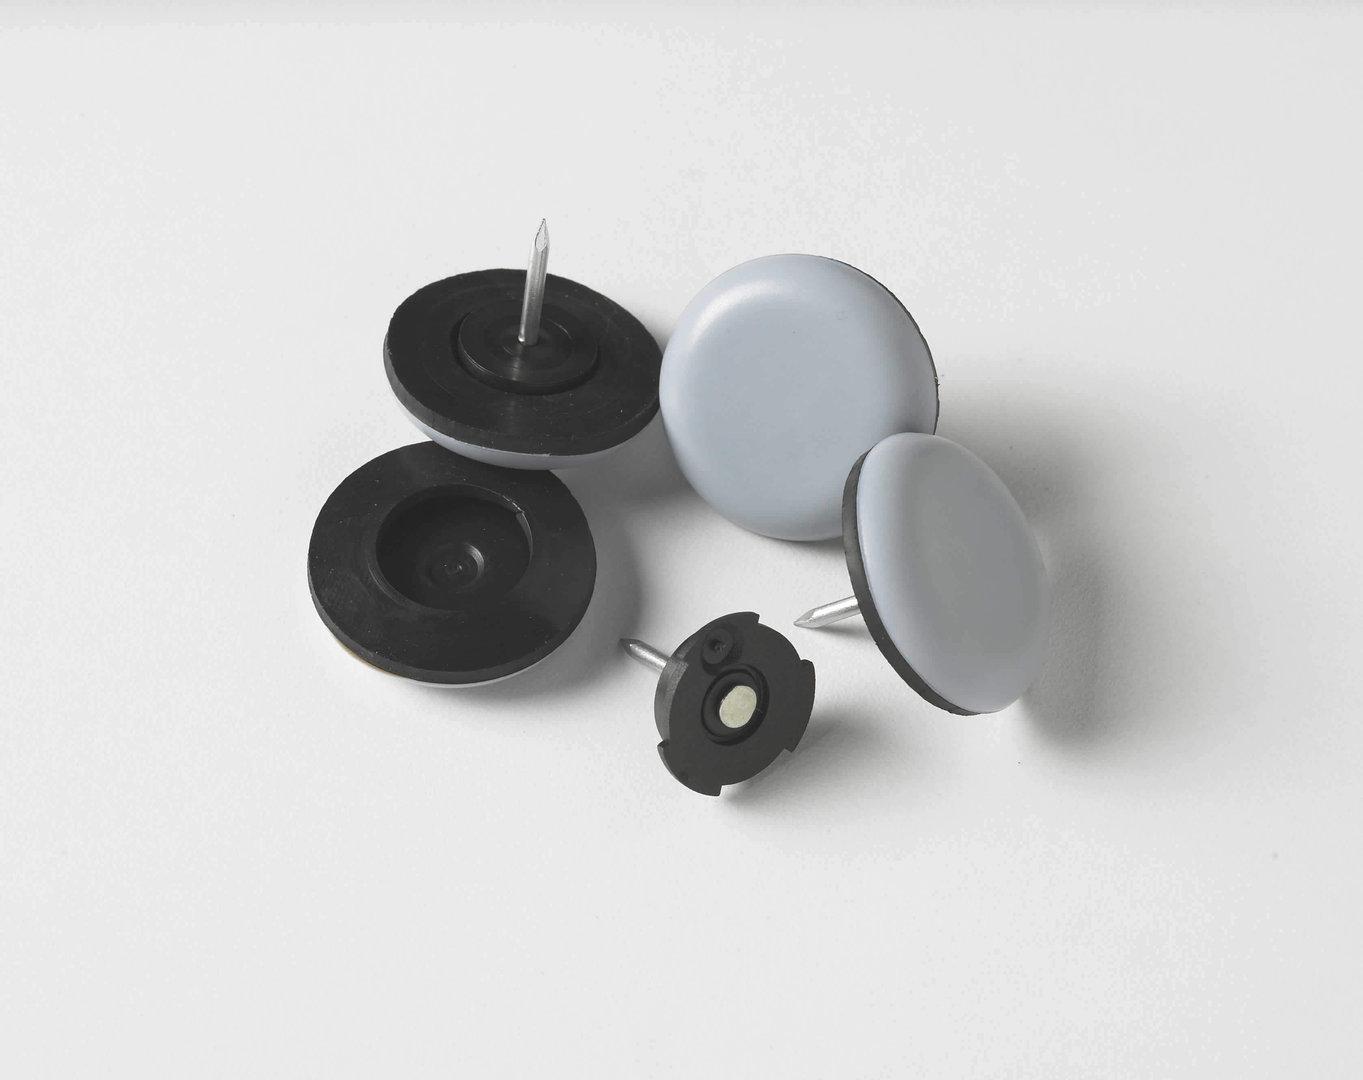 ptfe nagel gleiter sparset g nstig. Black Bedroom Furniture Sets. Home Design Ideas